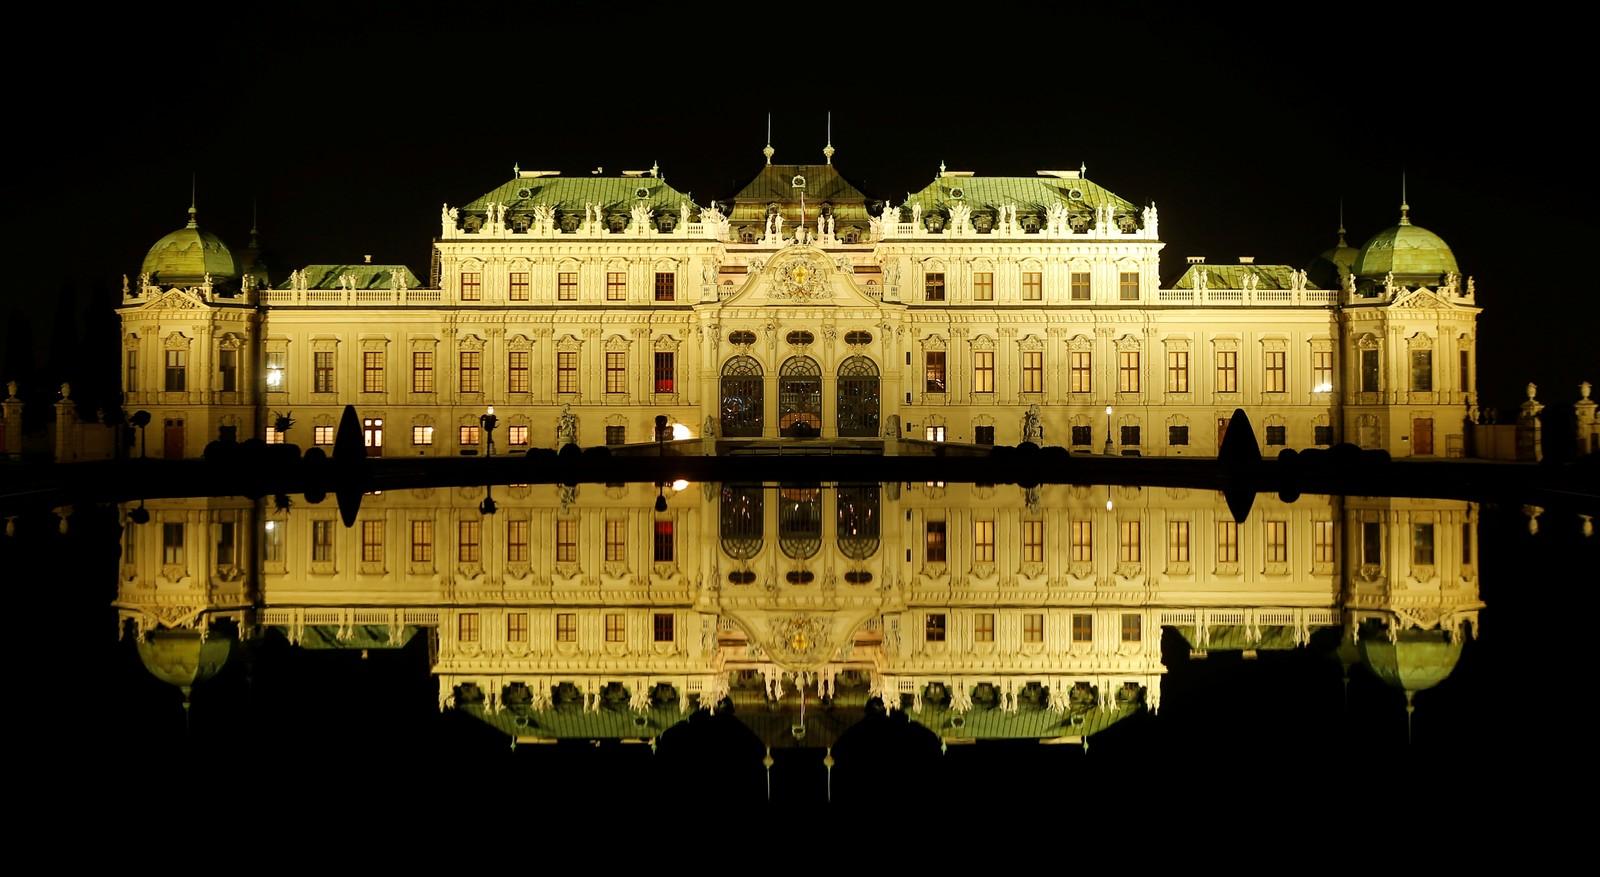 Palasset Belvedere i Wien i Østerrike før lysene slukkes...